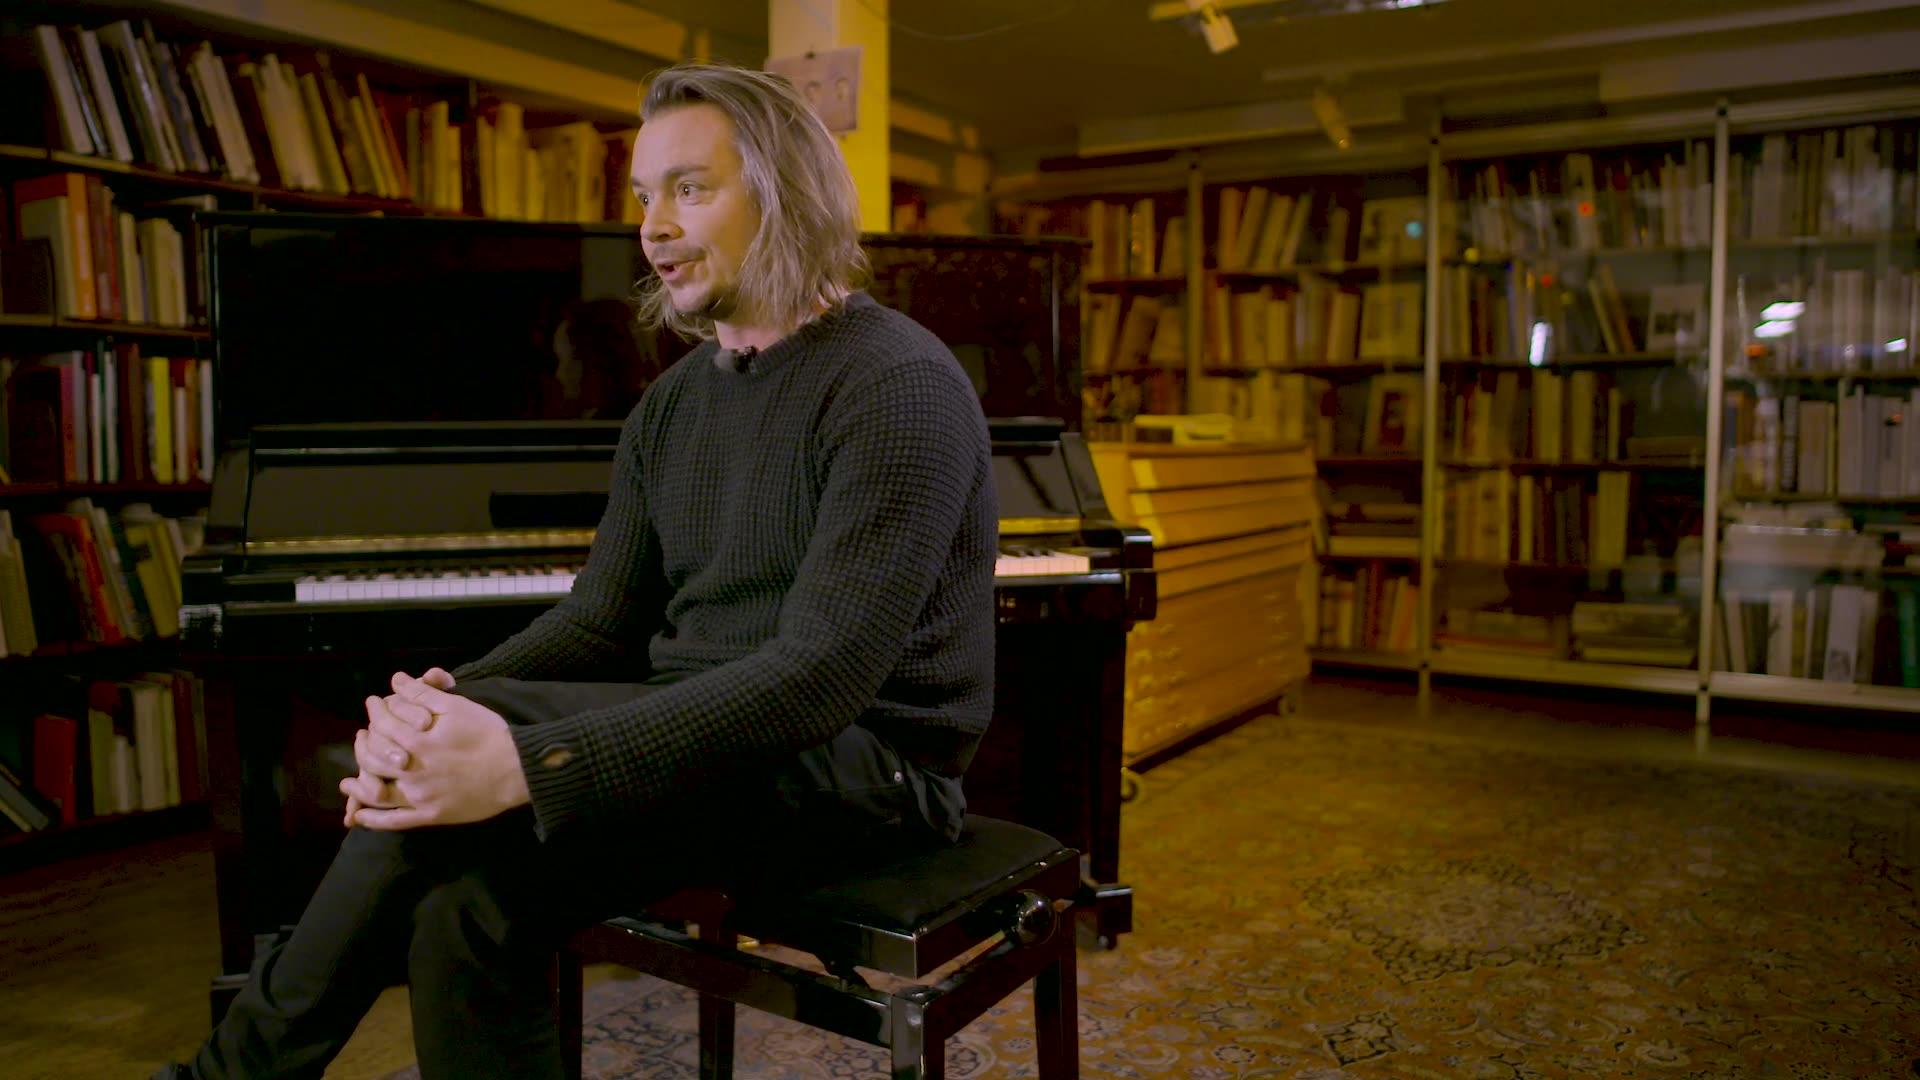 Kulturkrönika: Pianominnen – om musikens förmåga att väcka minnen